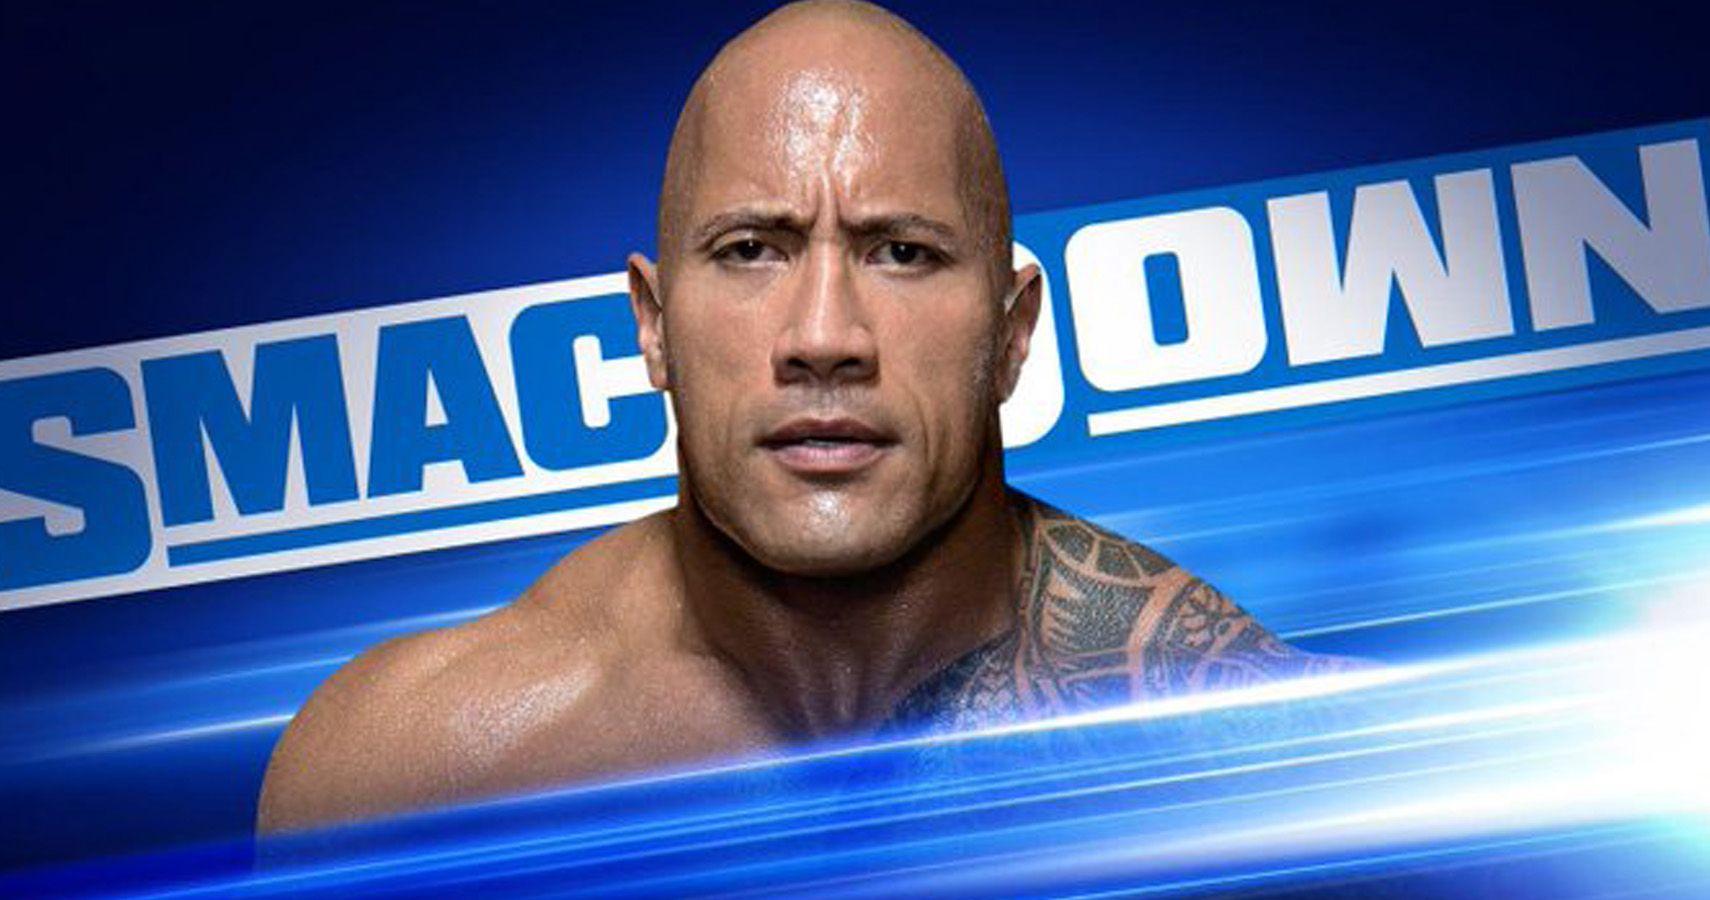 the rock, dwayne johnson, wwe, smackdown live, fox